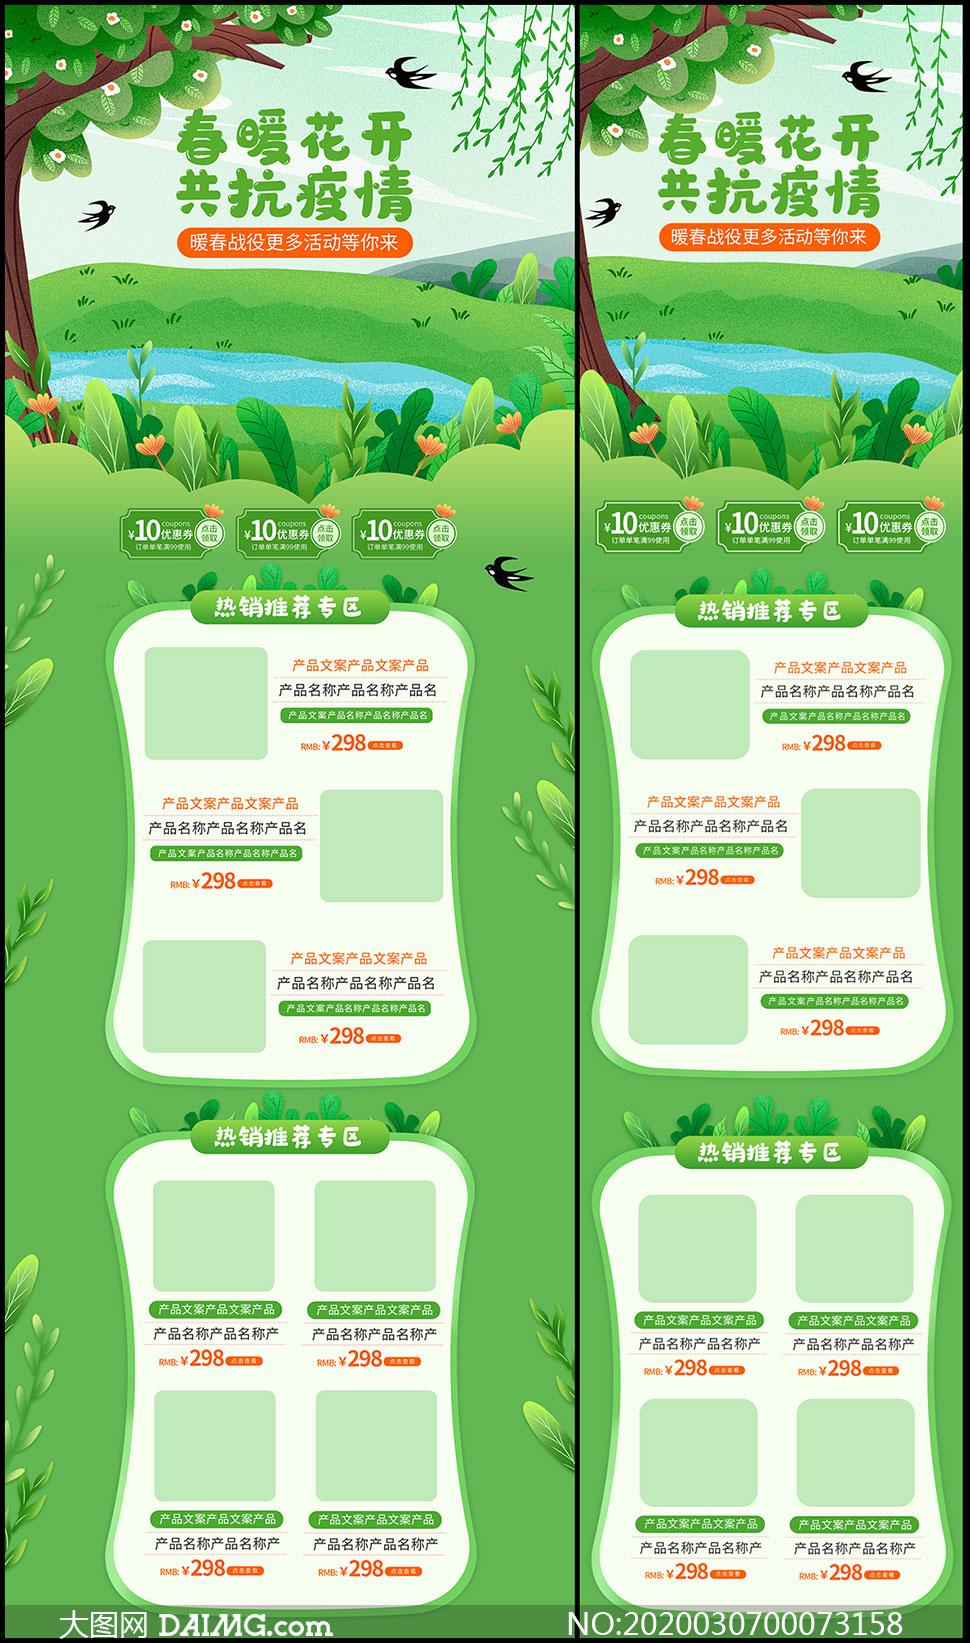 淘宝春季活动首页设计模板时时彩网投平台